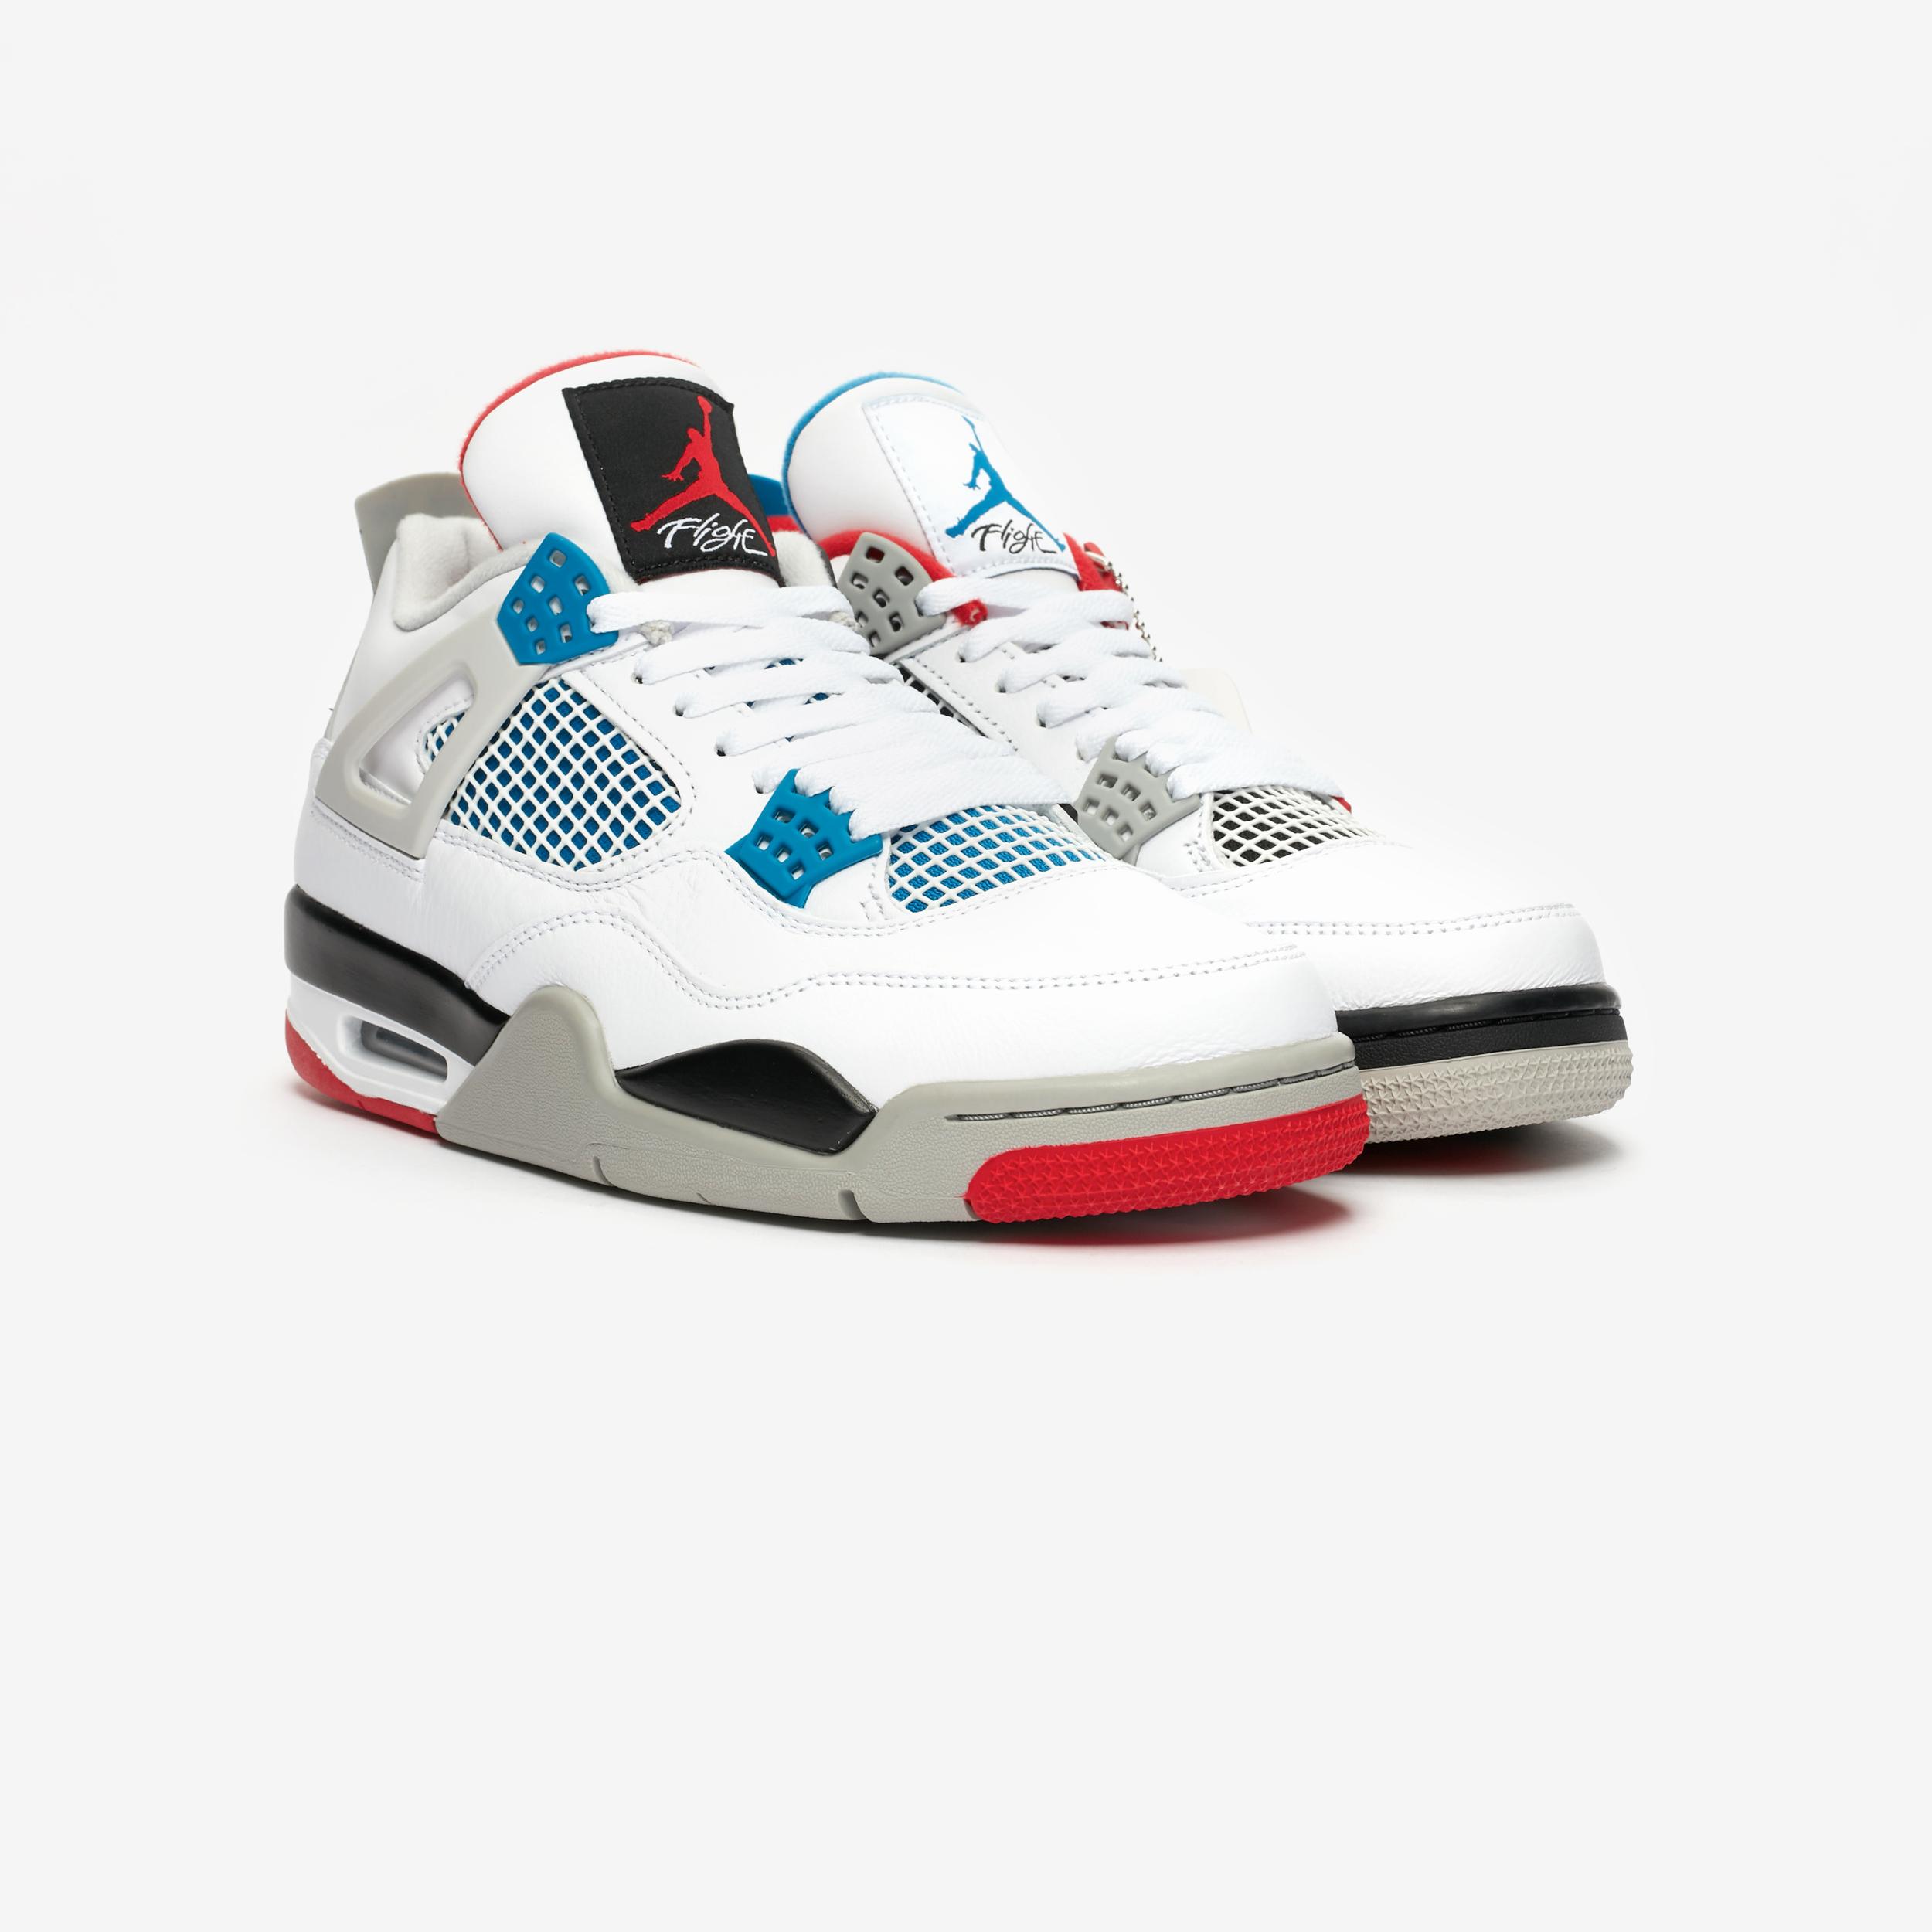 Jordan Brand Air Jordan 4 Retro SE - Ci1184-146 - SNS   sneakers ...